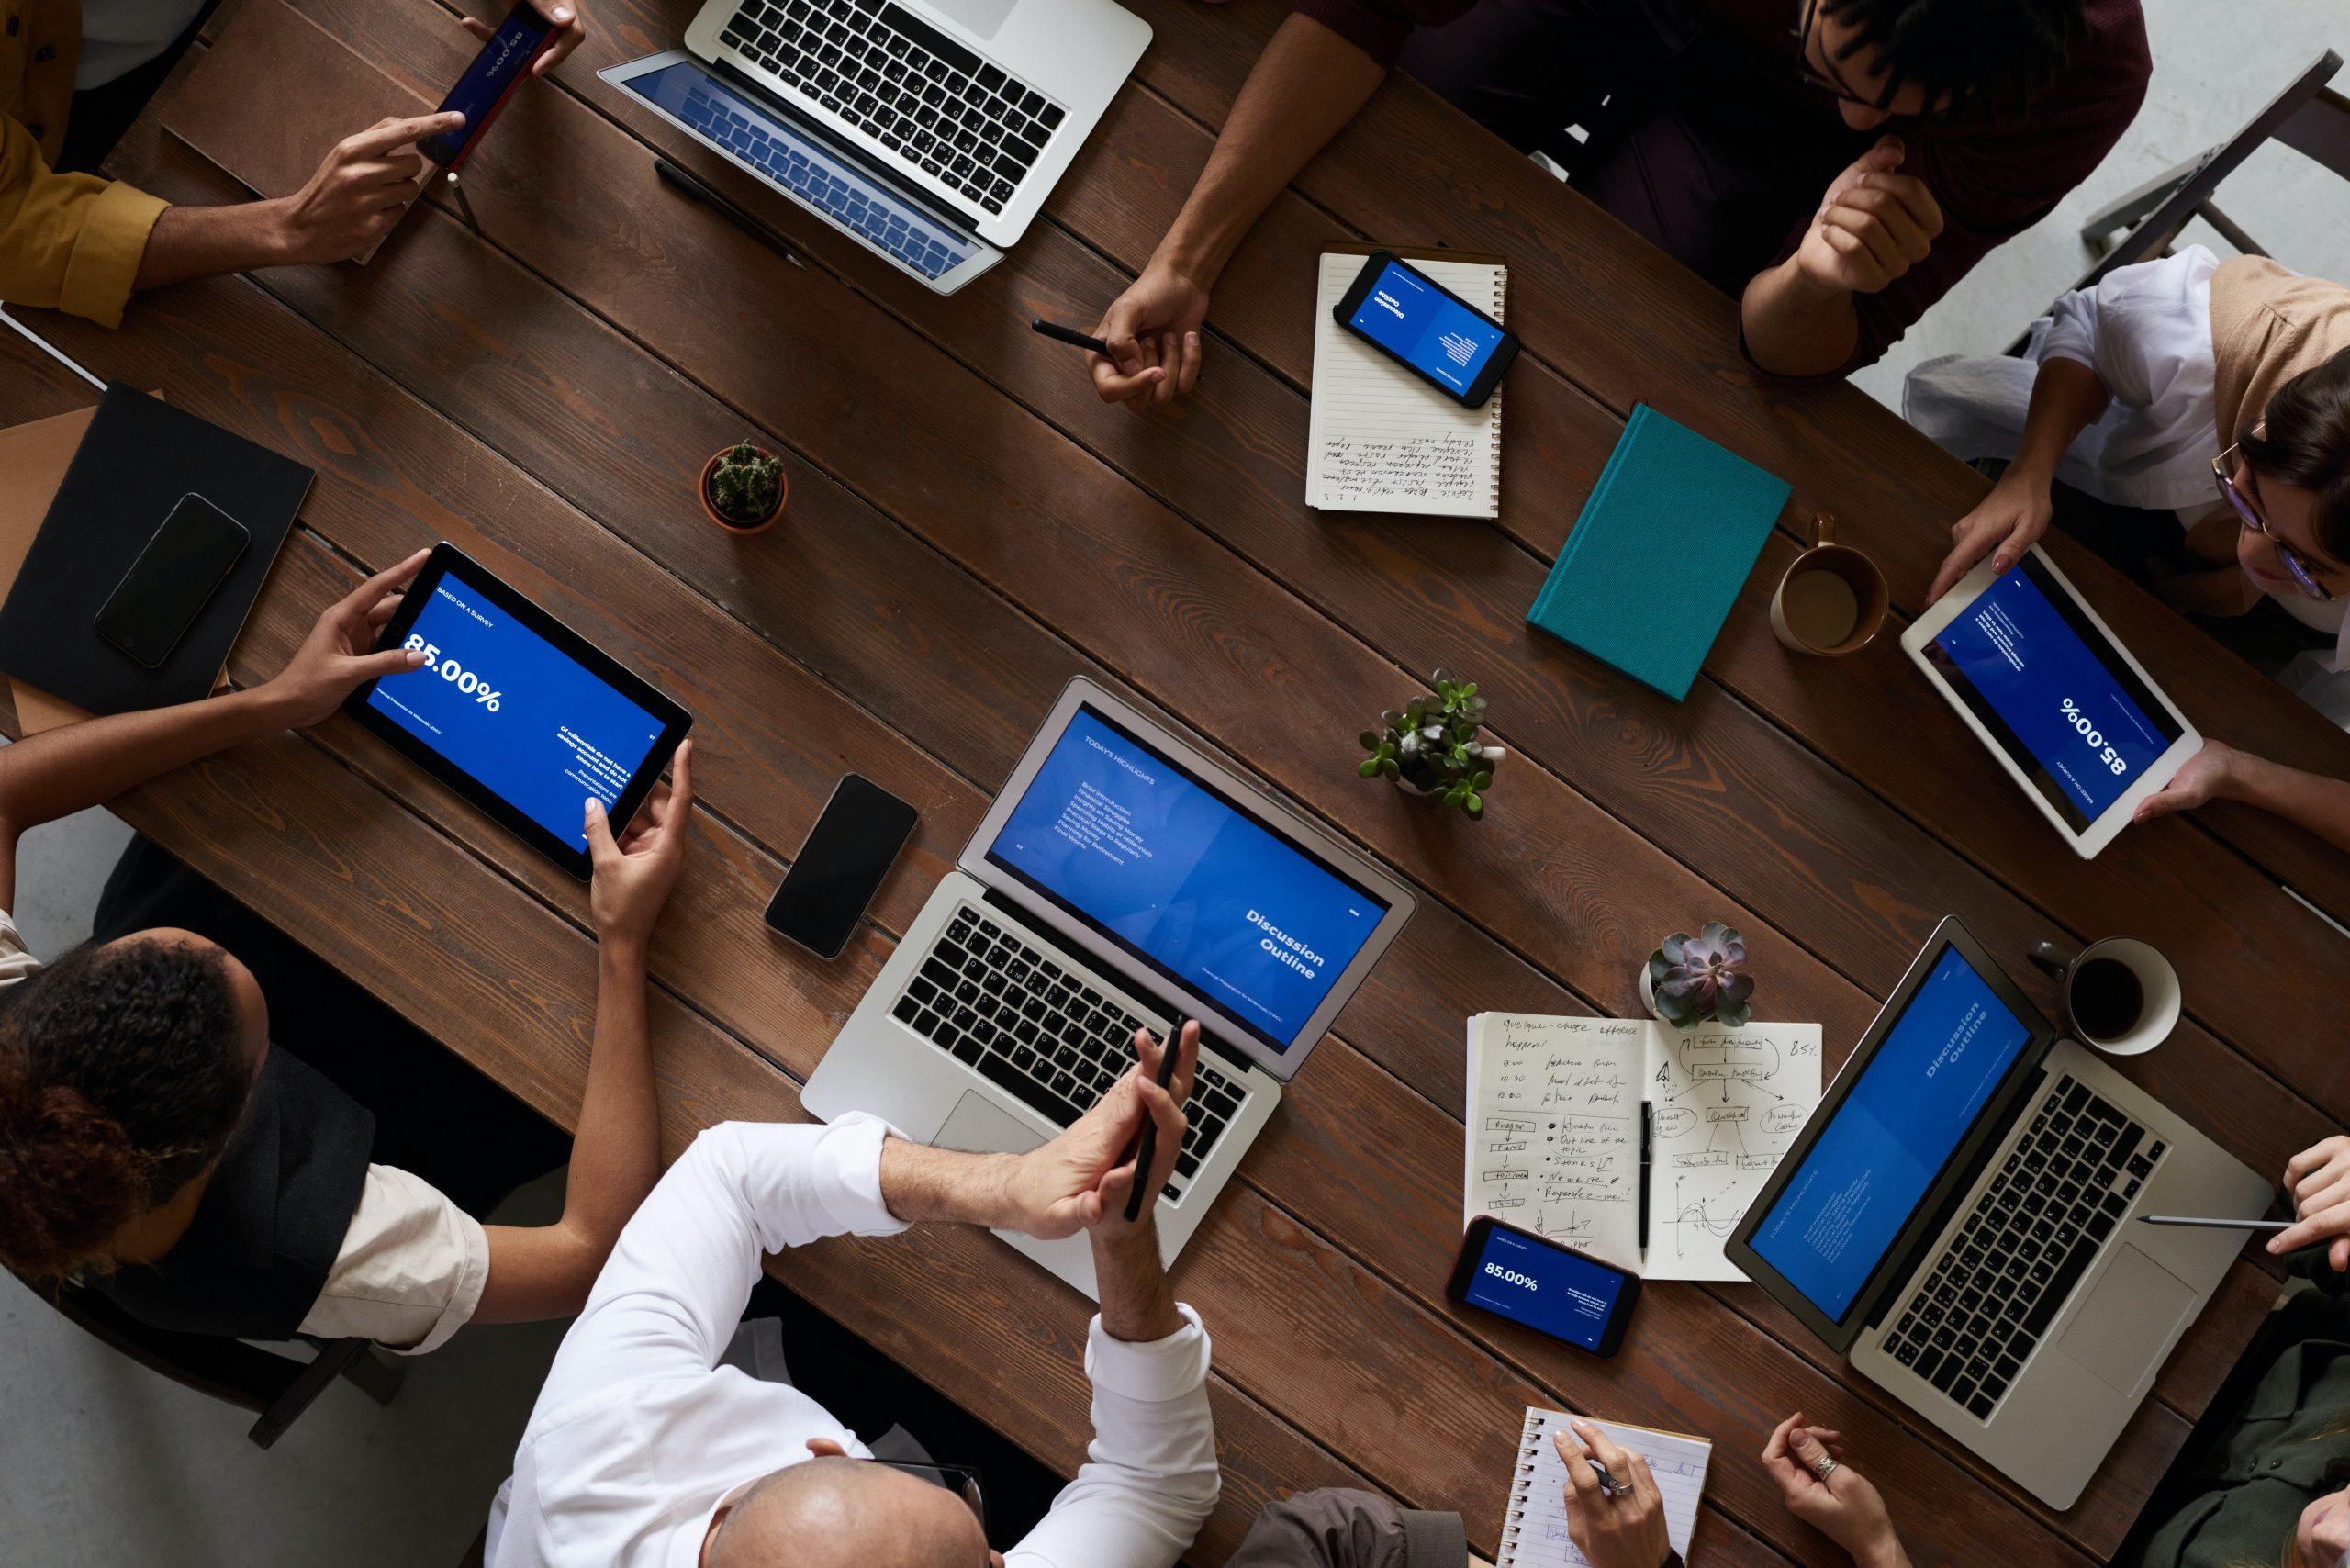 Imagem mostra uma sala na qual várias pessoas usam seus notebooks.